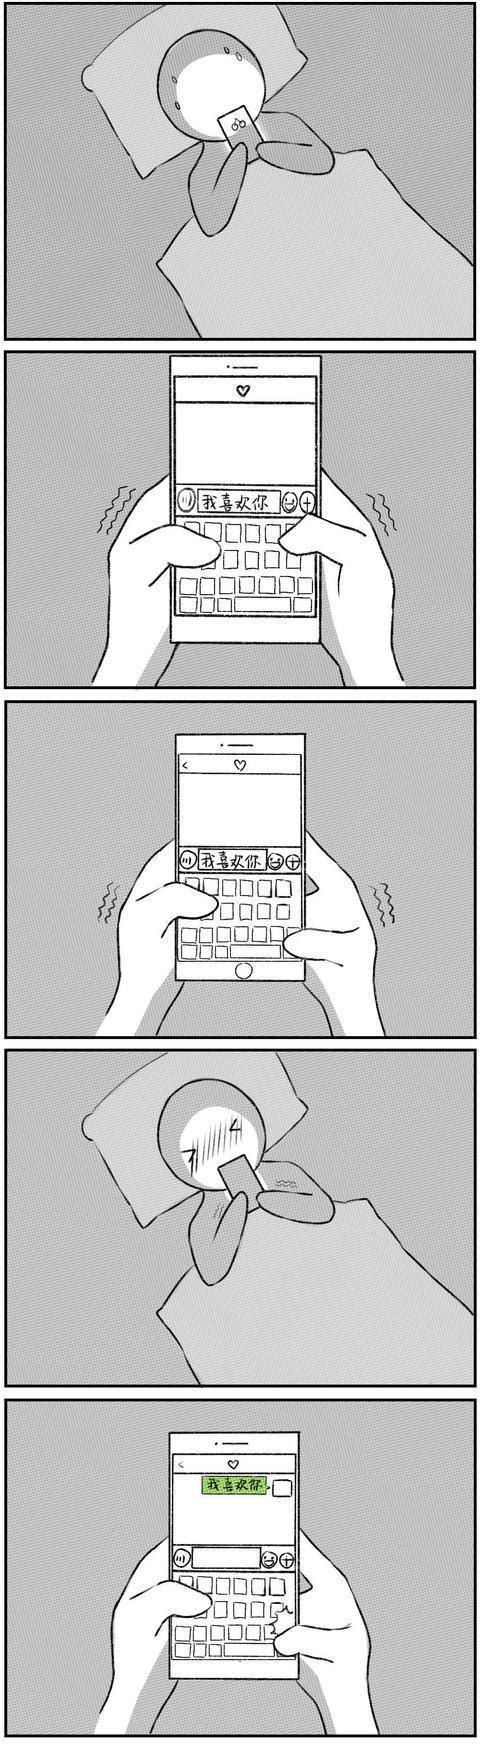 總有些話是不能用微信說的